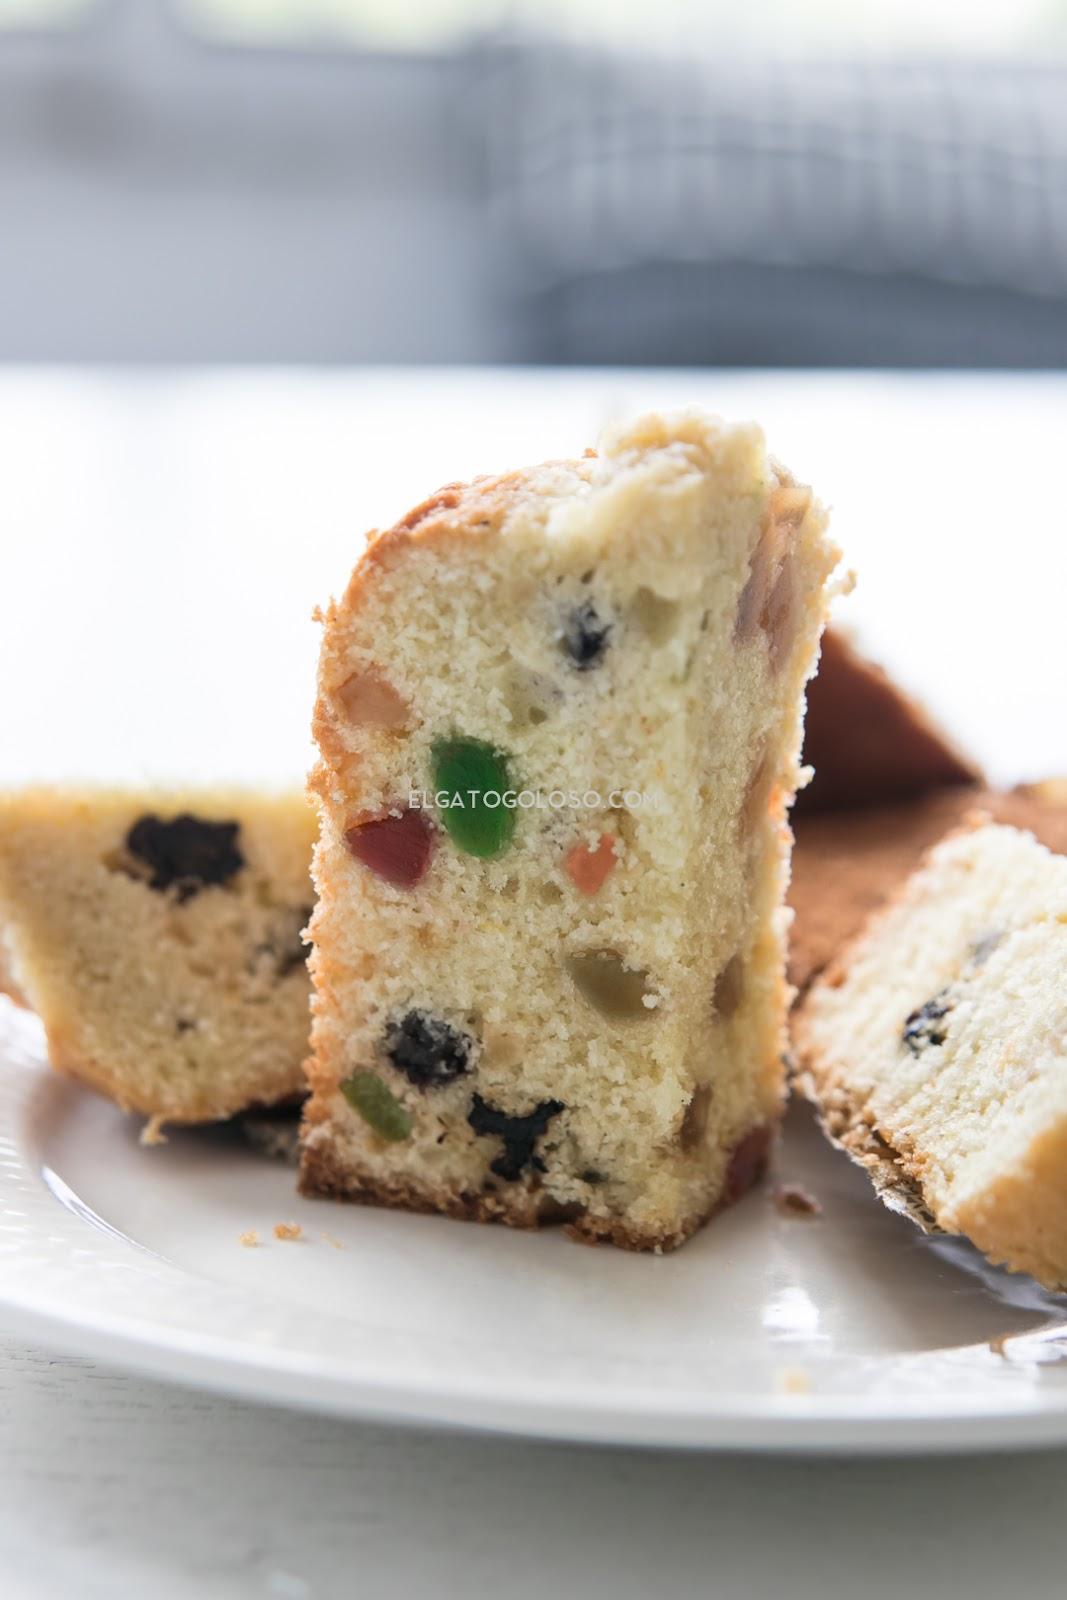 aprende la receta del muffin de panettone fácil, no es lo mismo pero resulta delicioso. Receta vía elgatogoloso.com